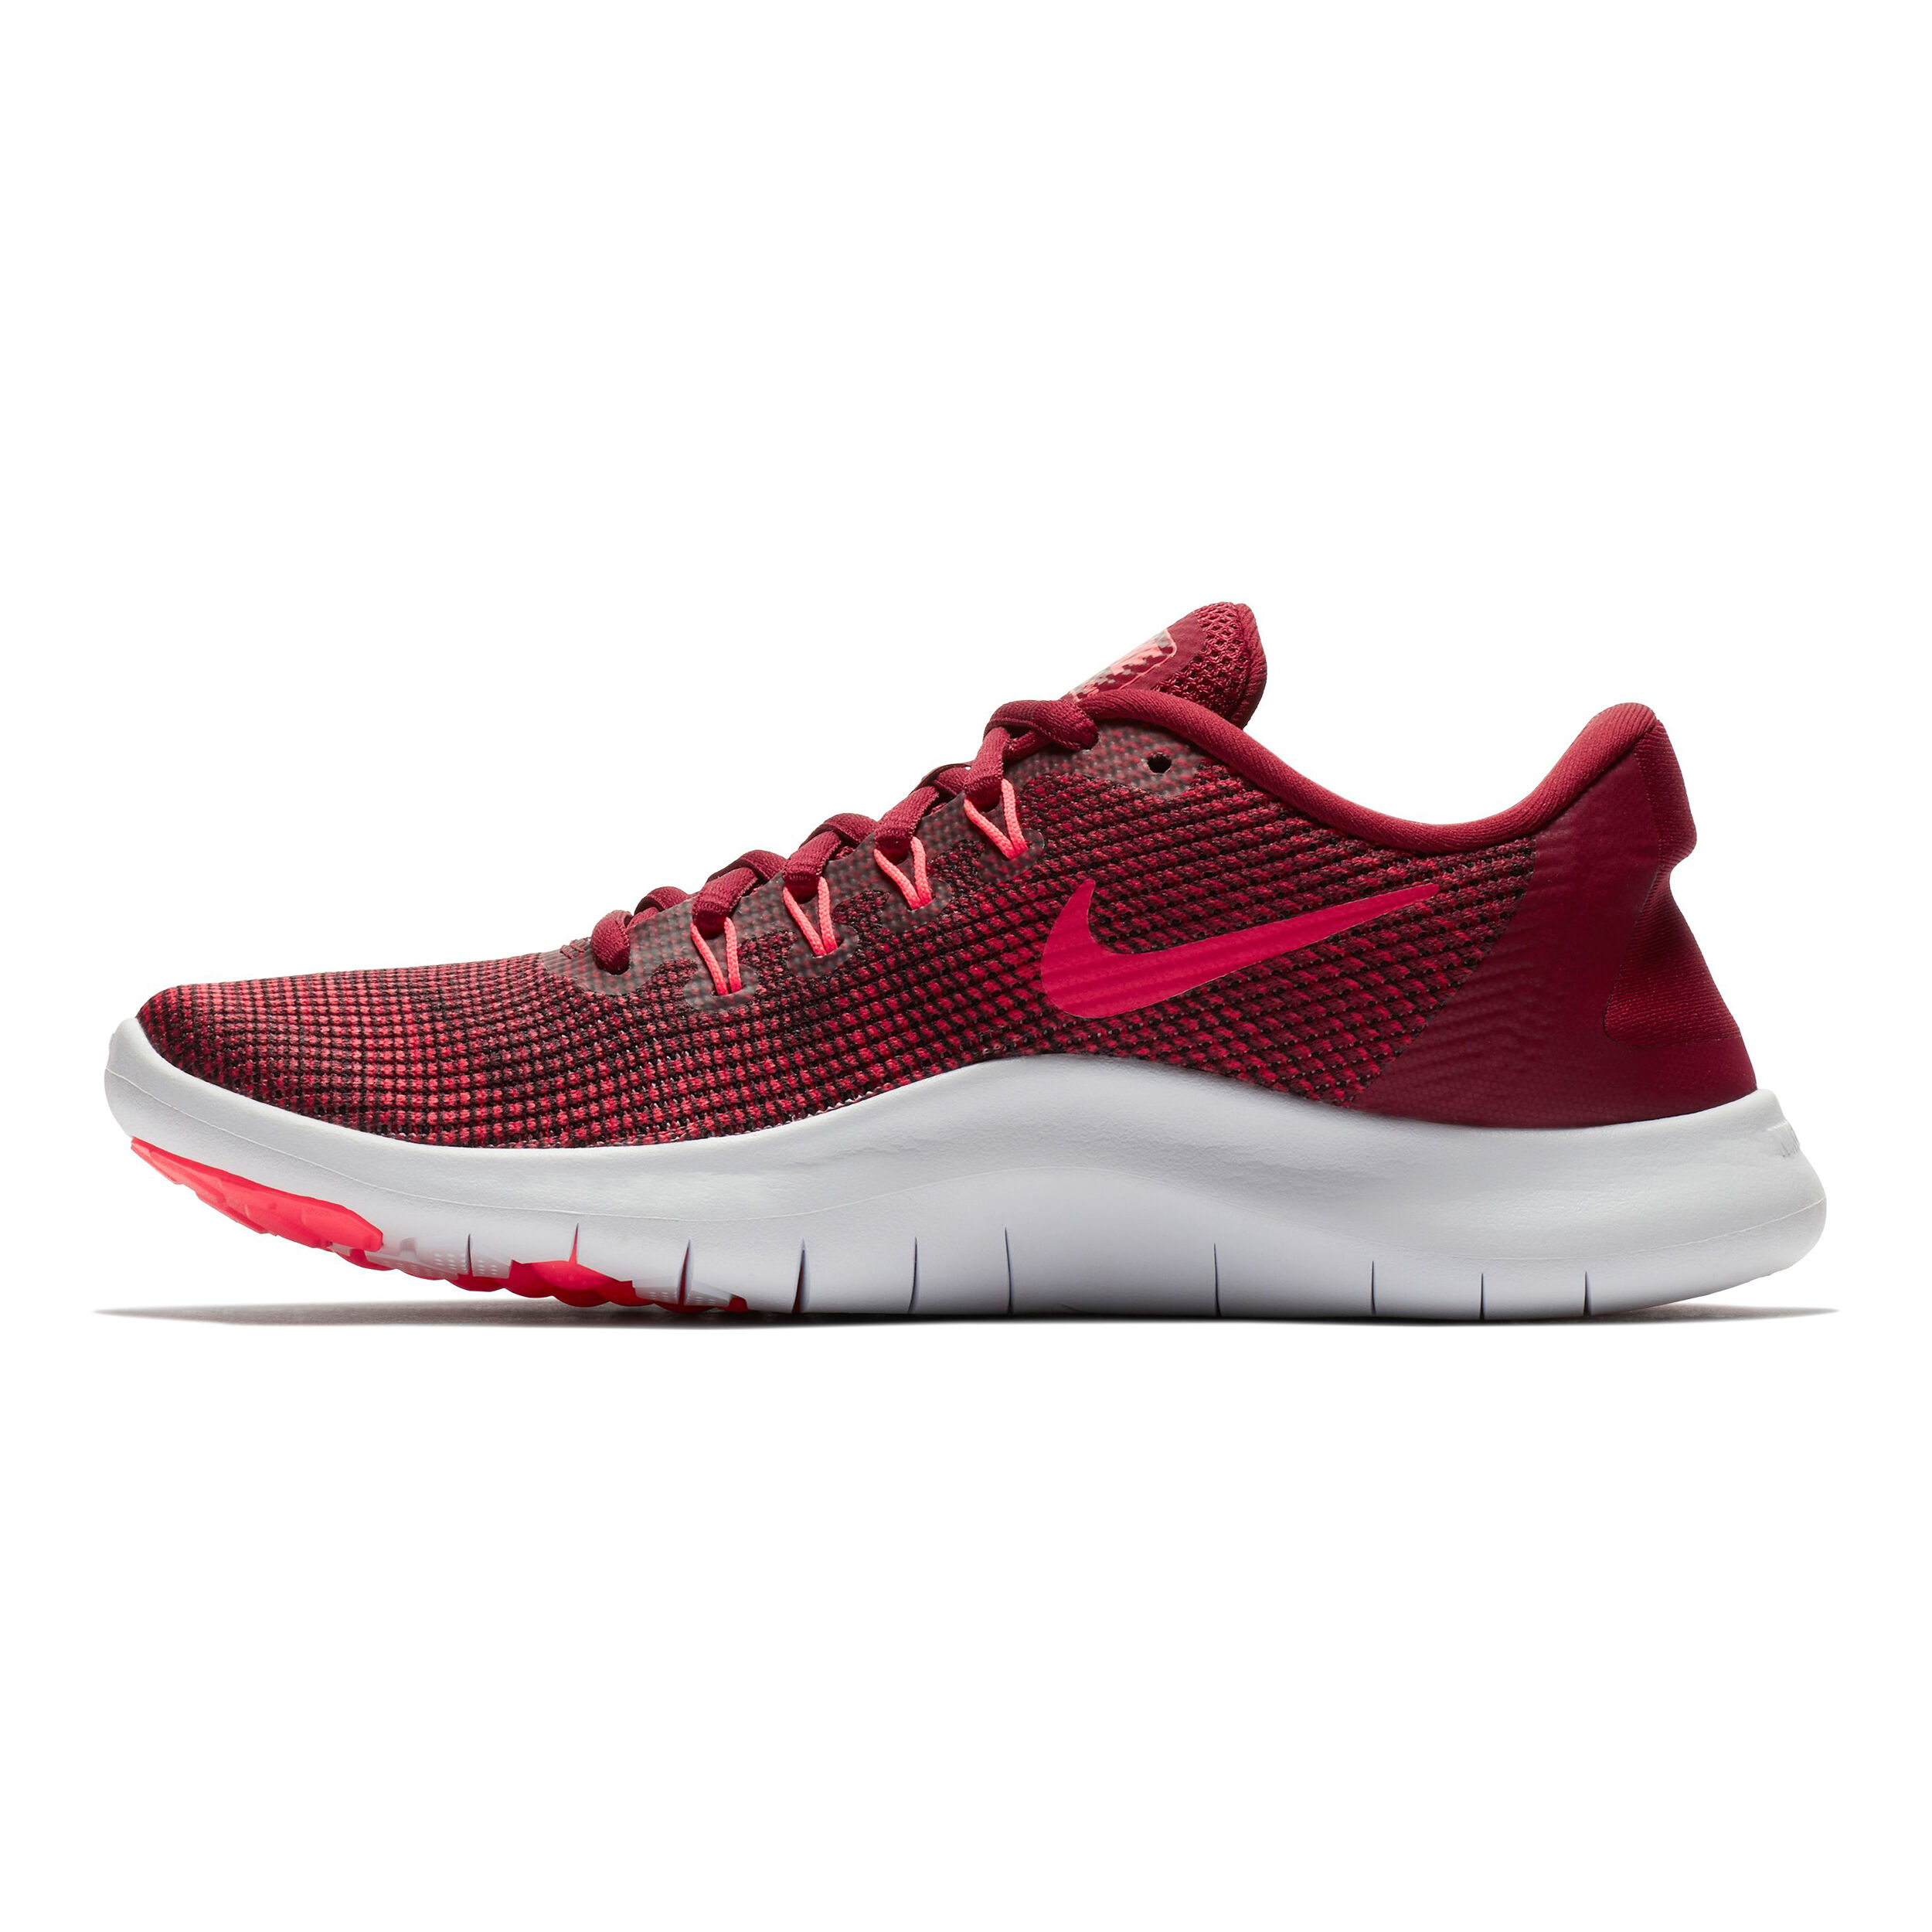 Nike DunkelrotRot 2018 Schuh Damen Run Running Flex Natural